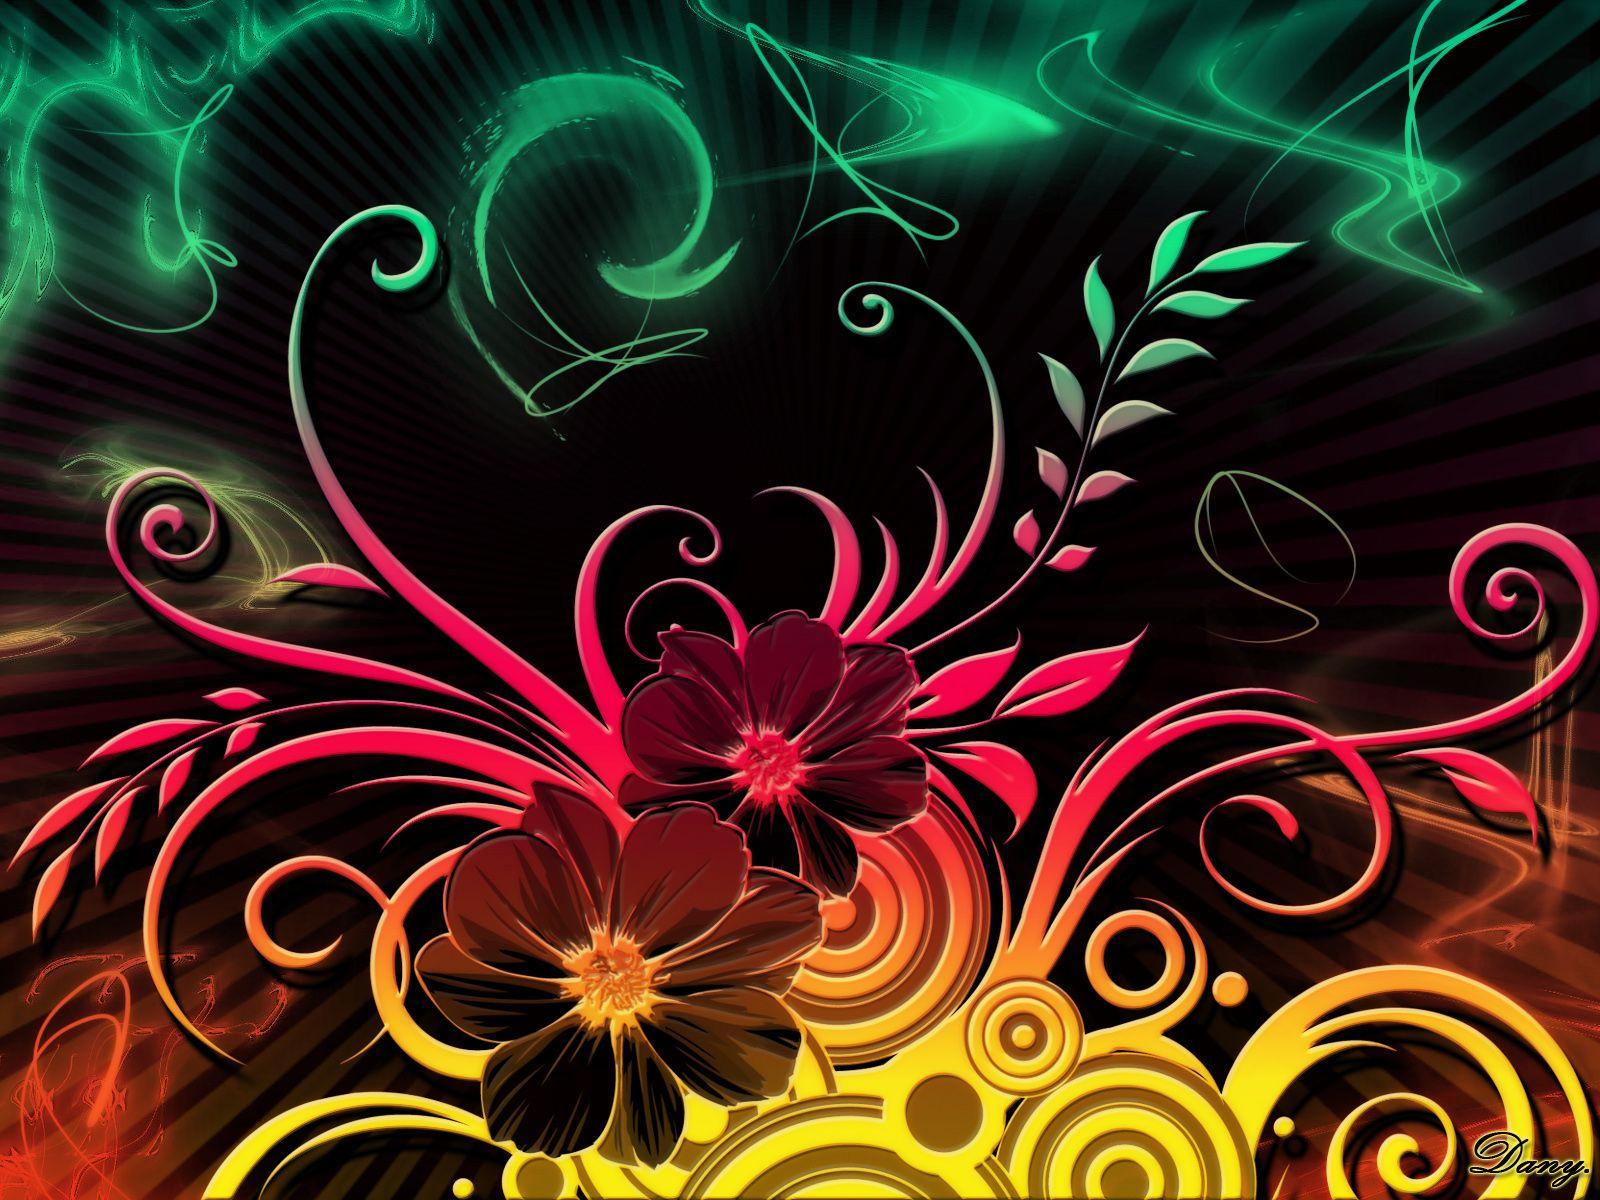 Free Wallpaper Images of Women - WallpaperSafari